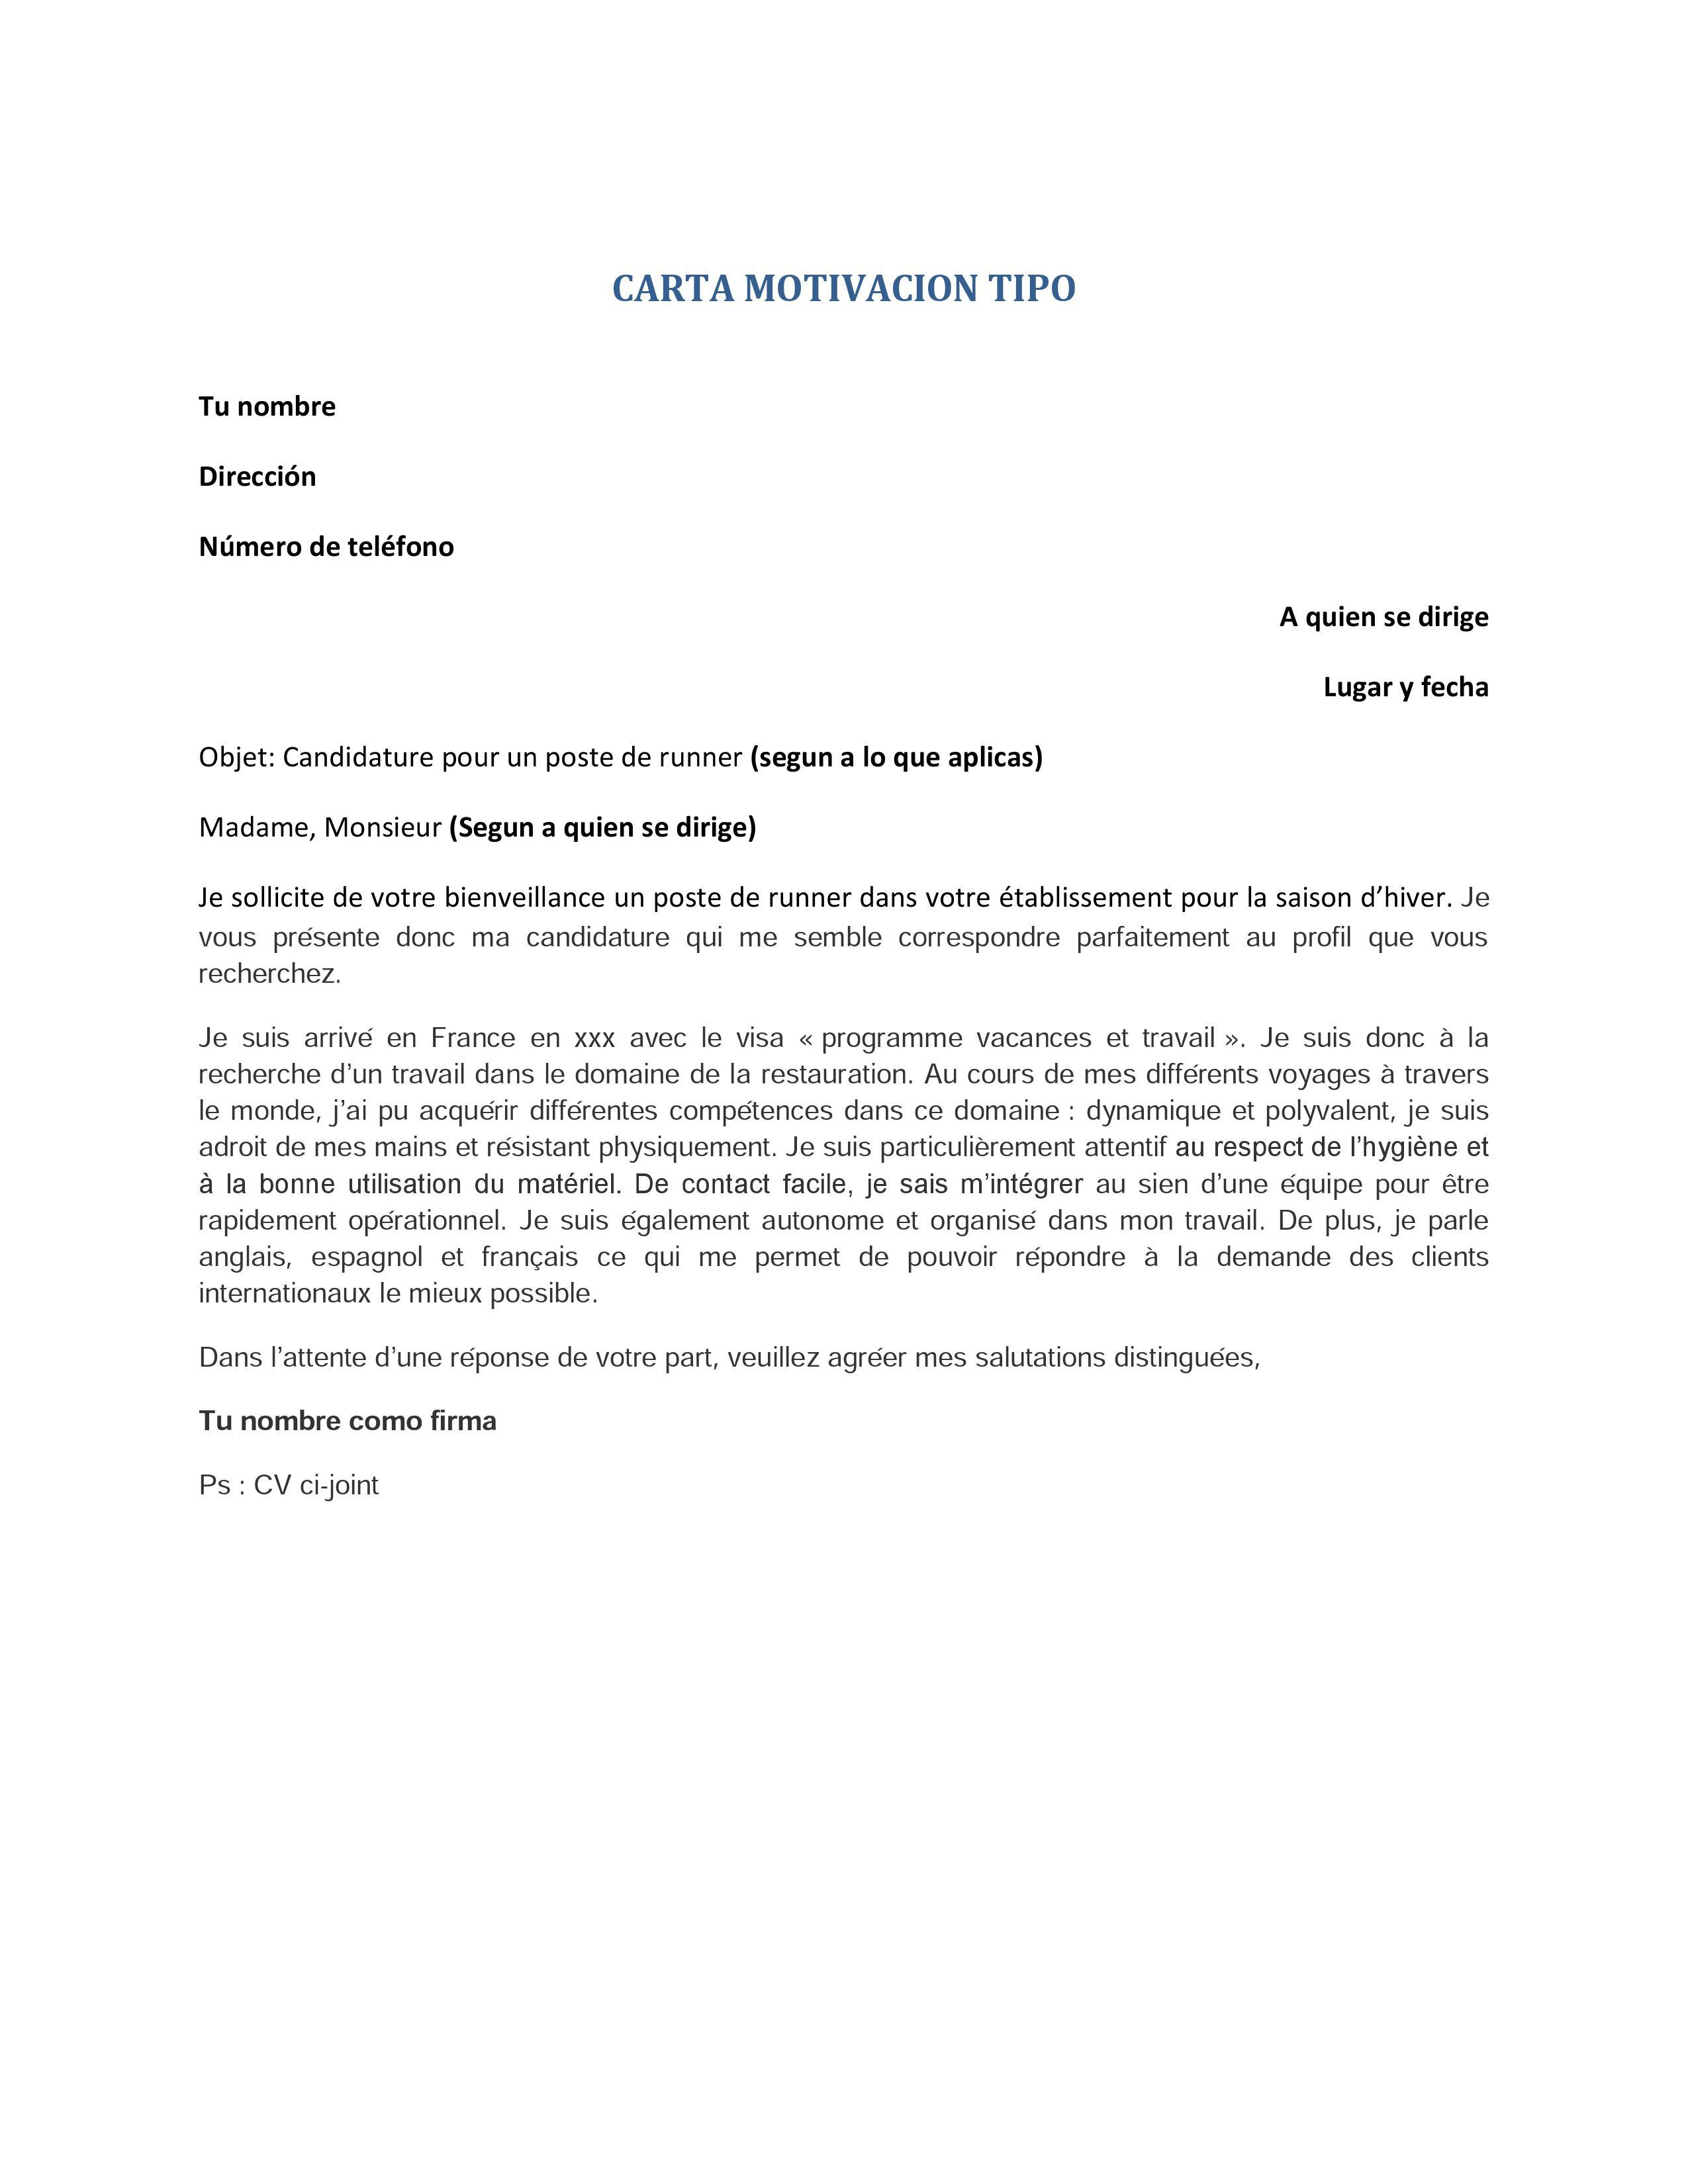 Carta Tipo Working Holiday Visa